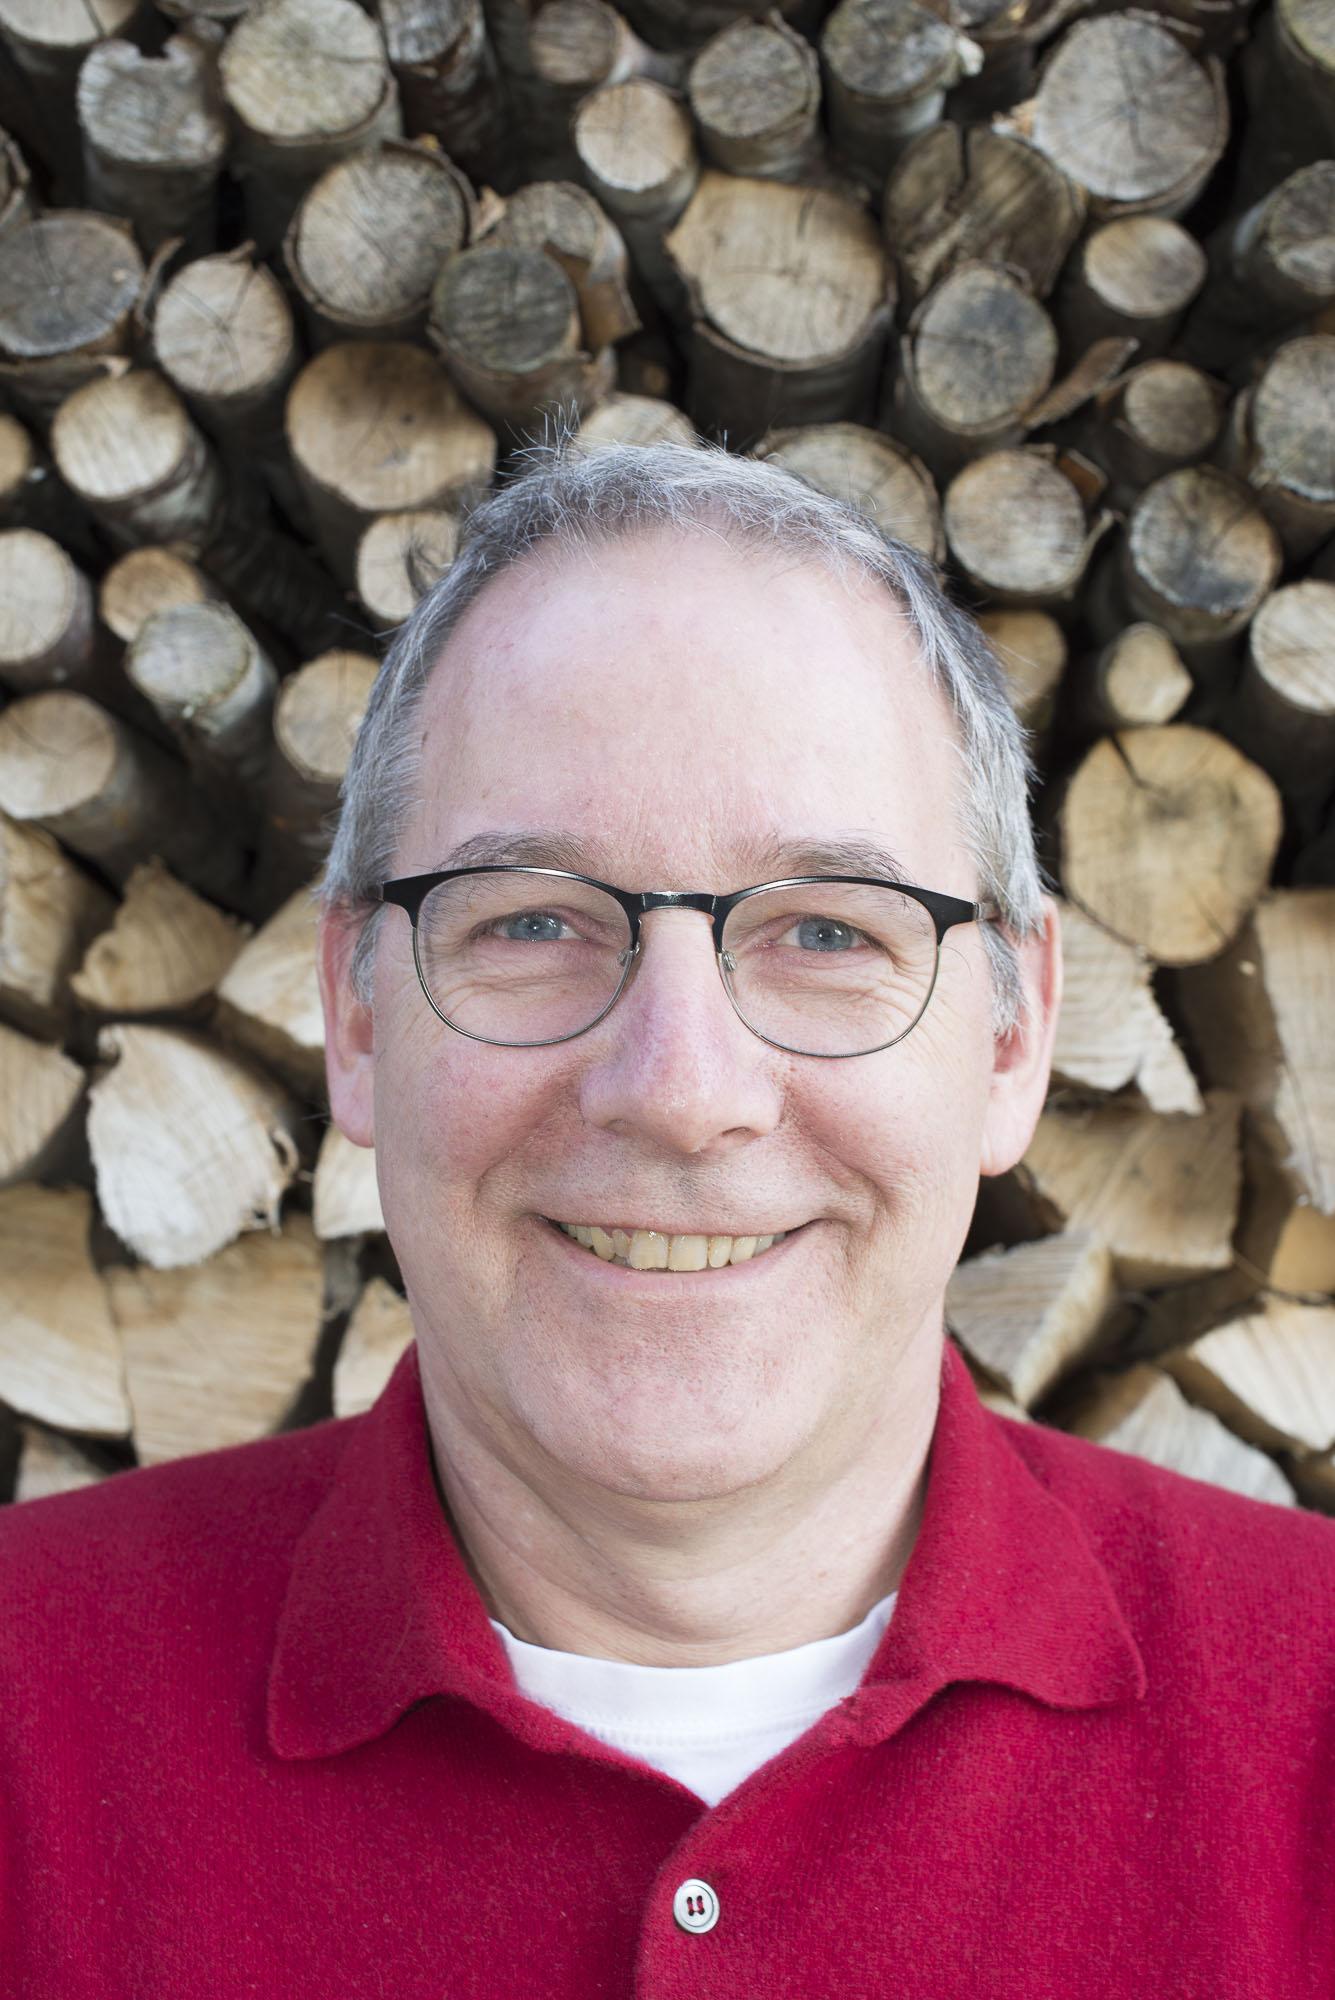 Project Team - Dr. Hubert Bauer